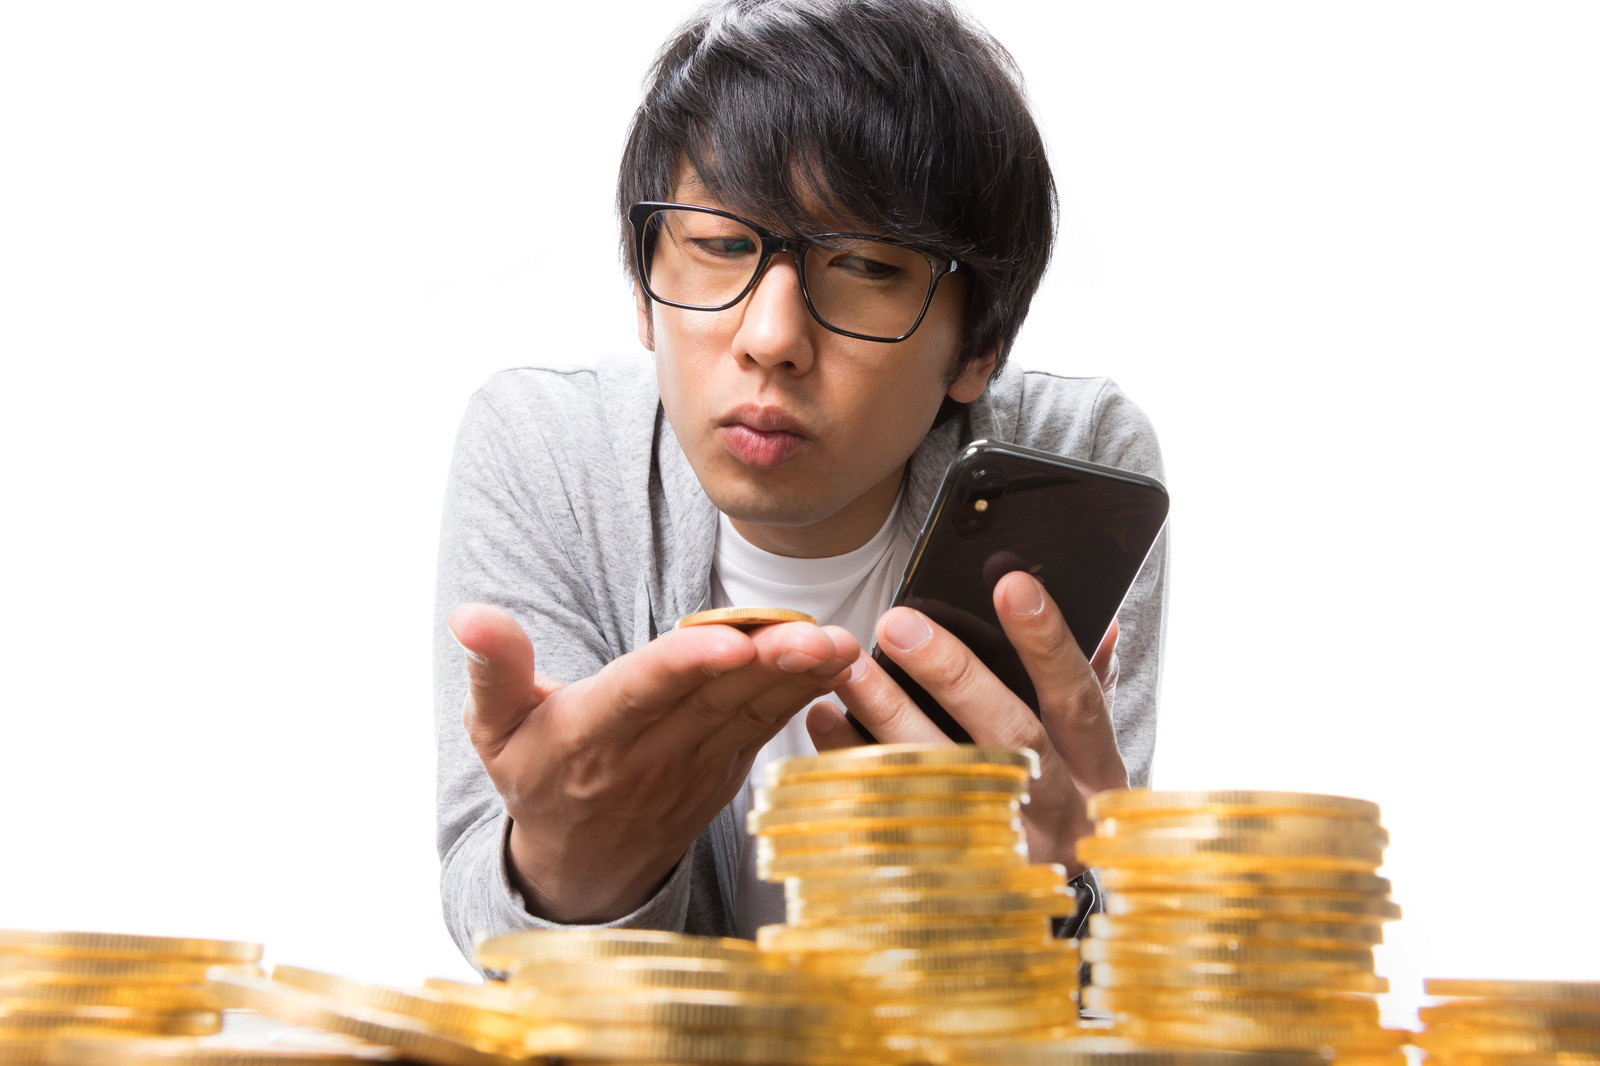 「仮想通貨の価格をスマホでチェックする男性投資家」の写真[モデル:大川竜弥]